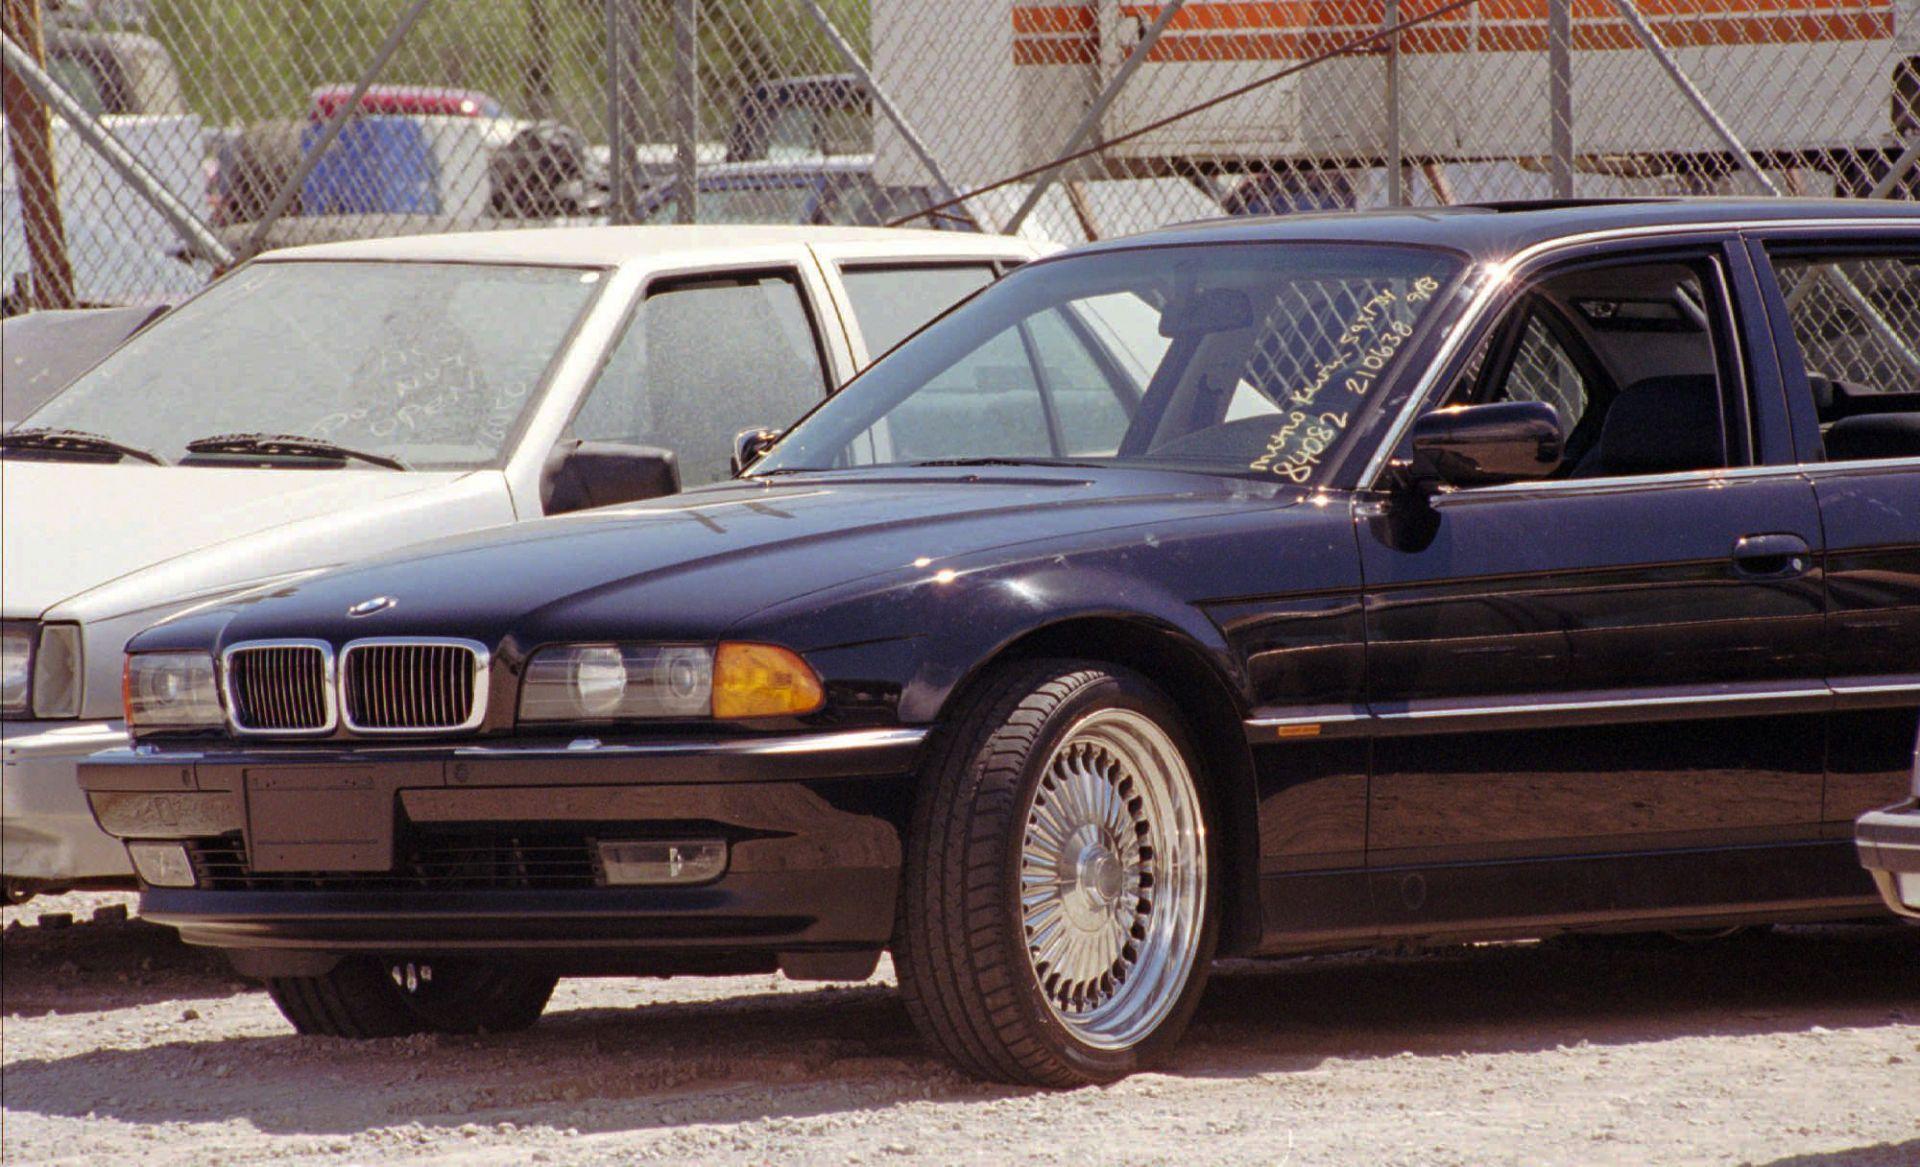 Кадърът е от 8 септември 1996 г., колата на Тупак в полицейския участък на Лас Вегас